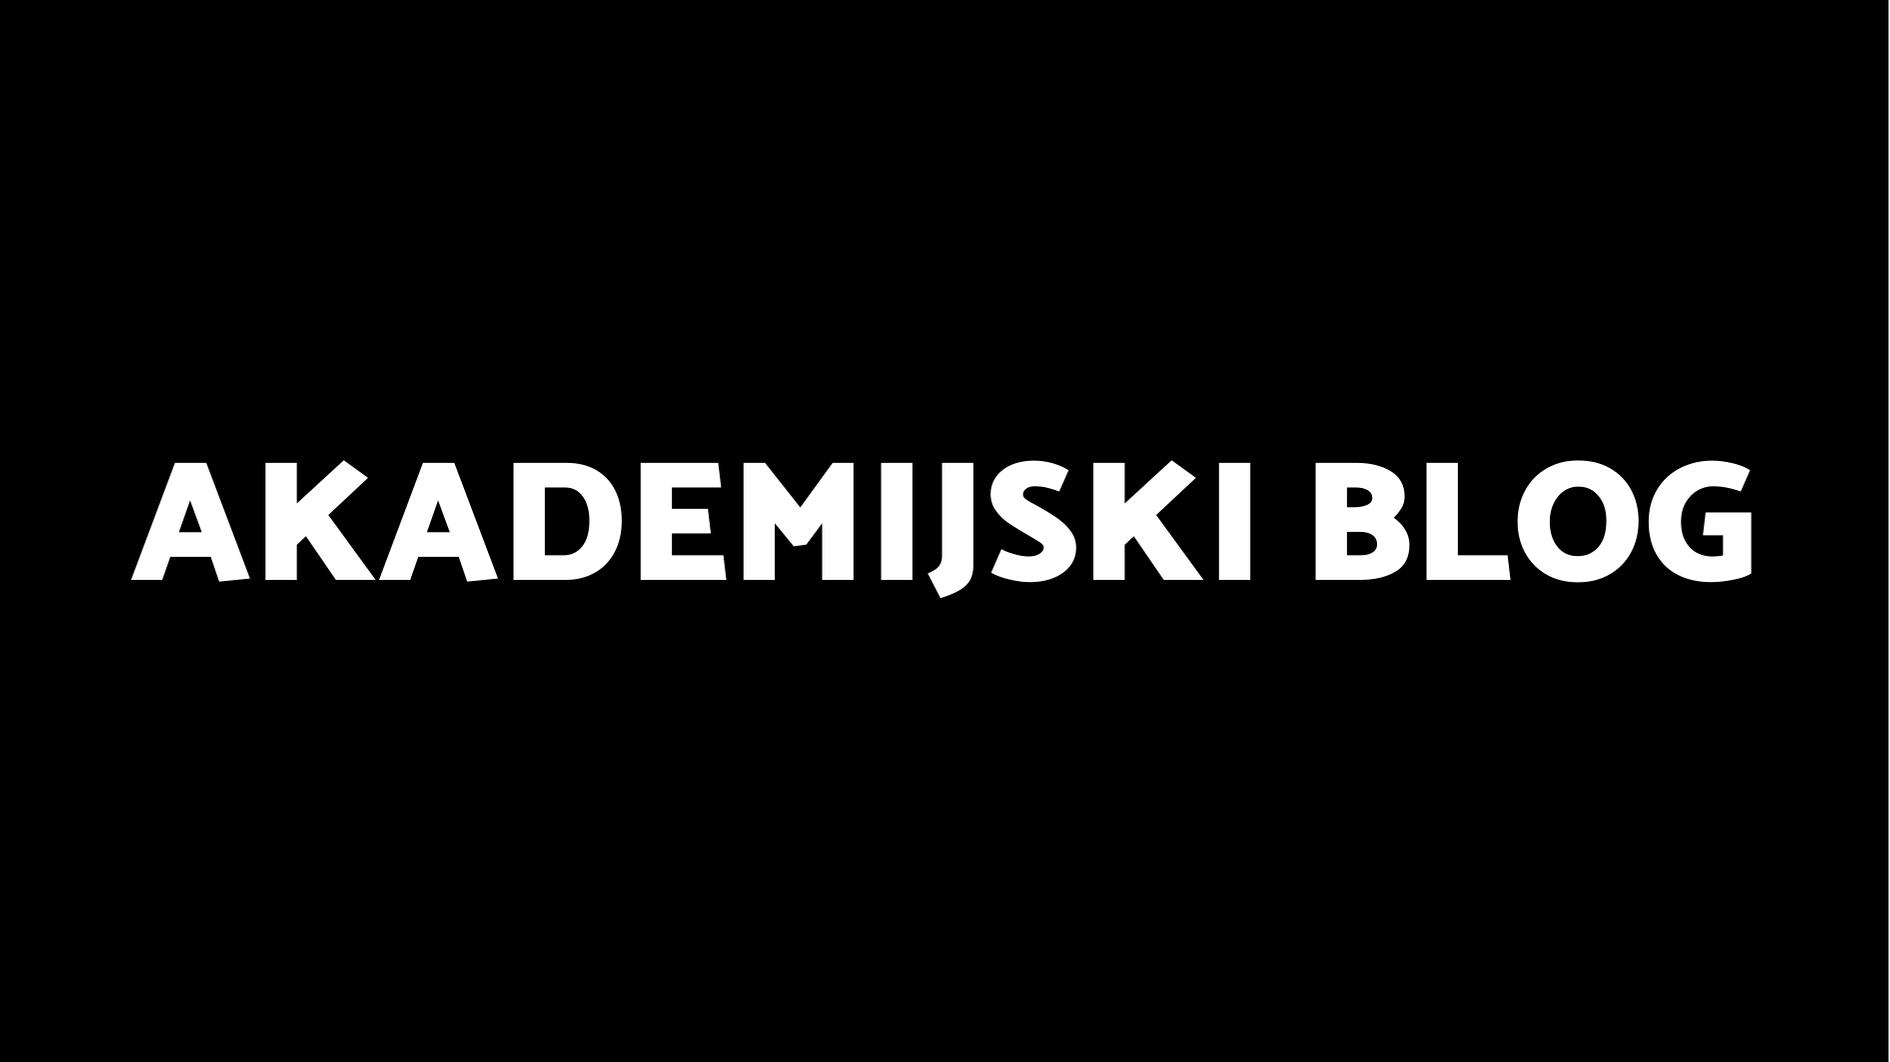 Akademijski blog